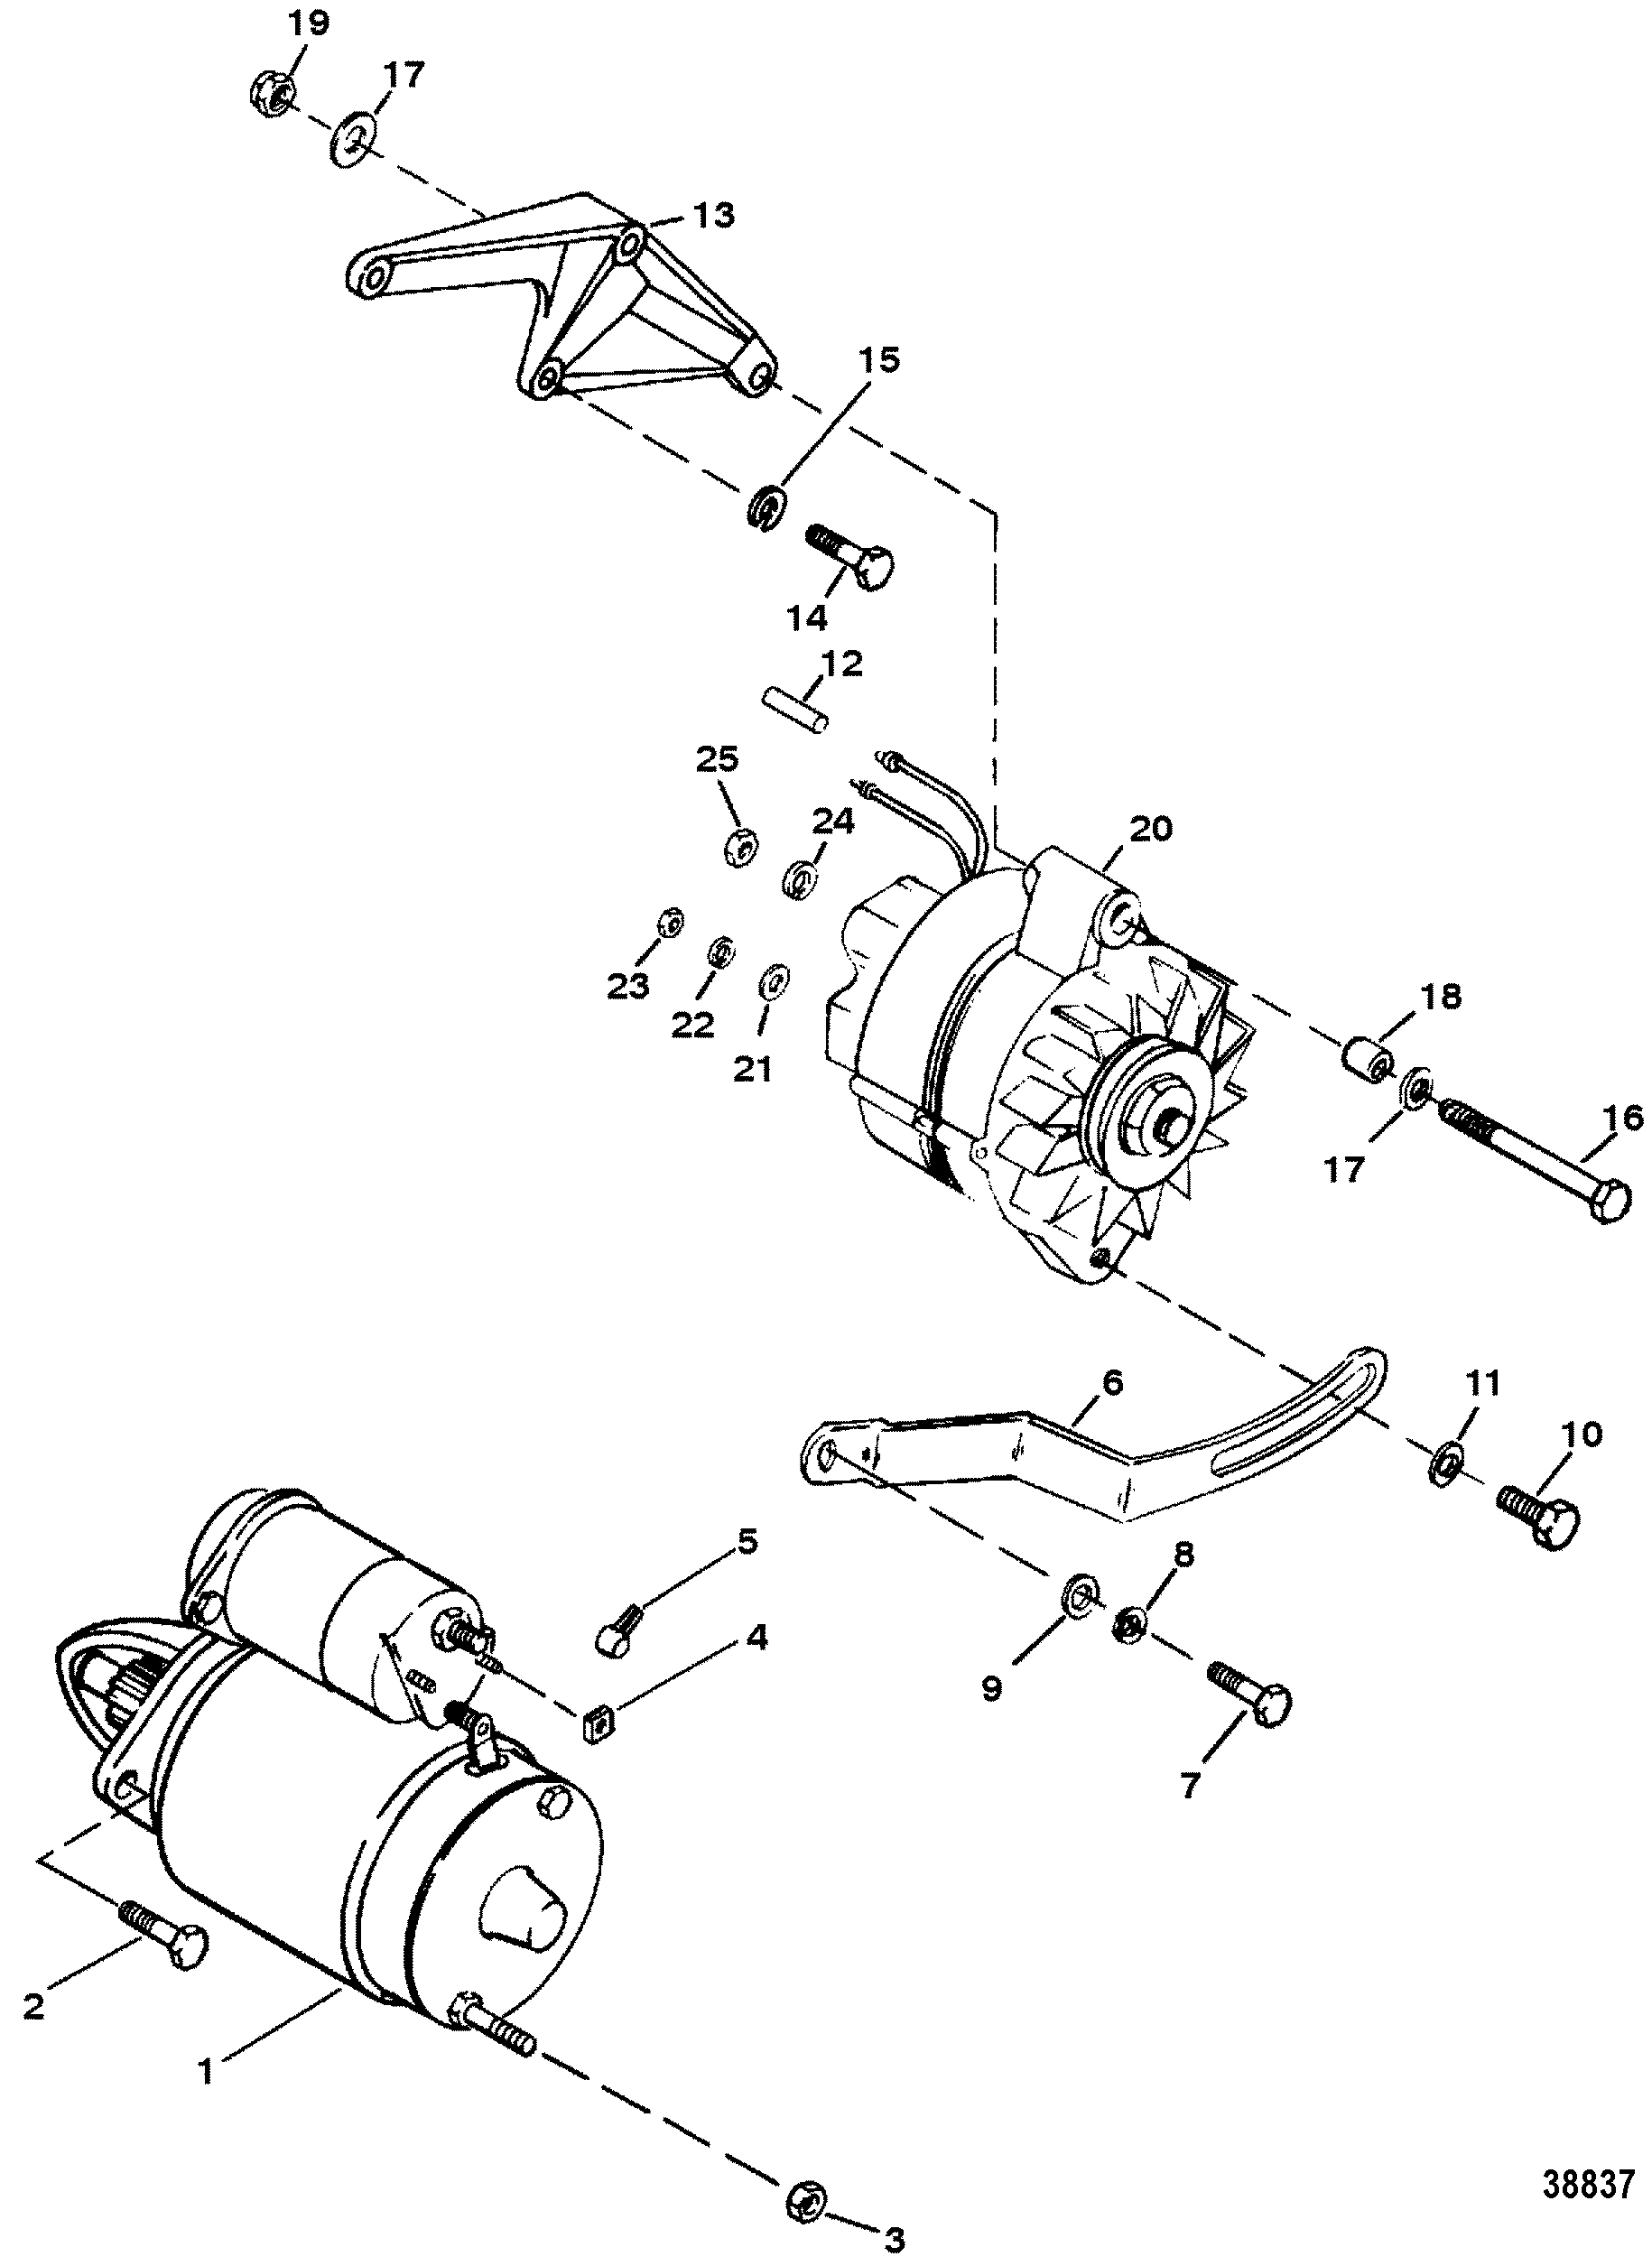 Starter And Alternator For Mercruiser 7 4l 454 Mag Bravo Gen V